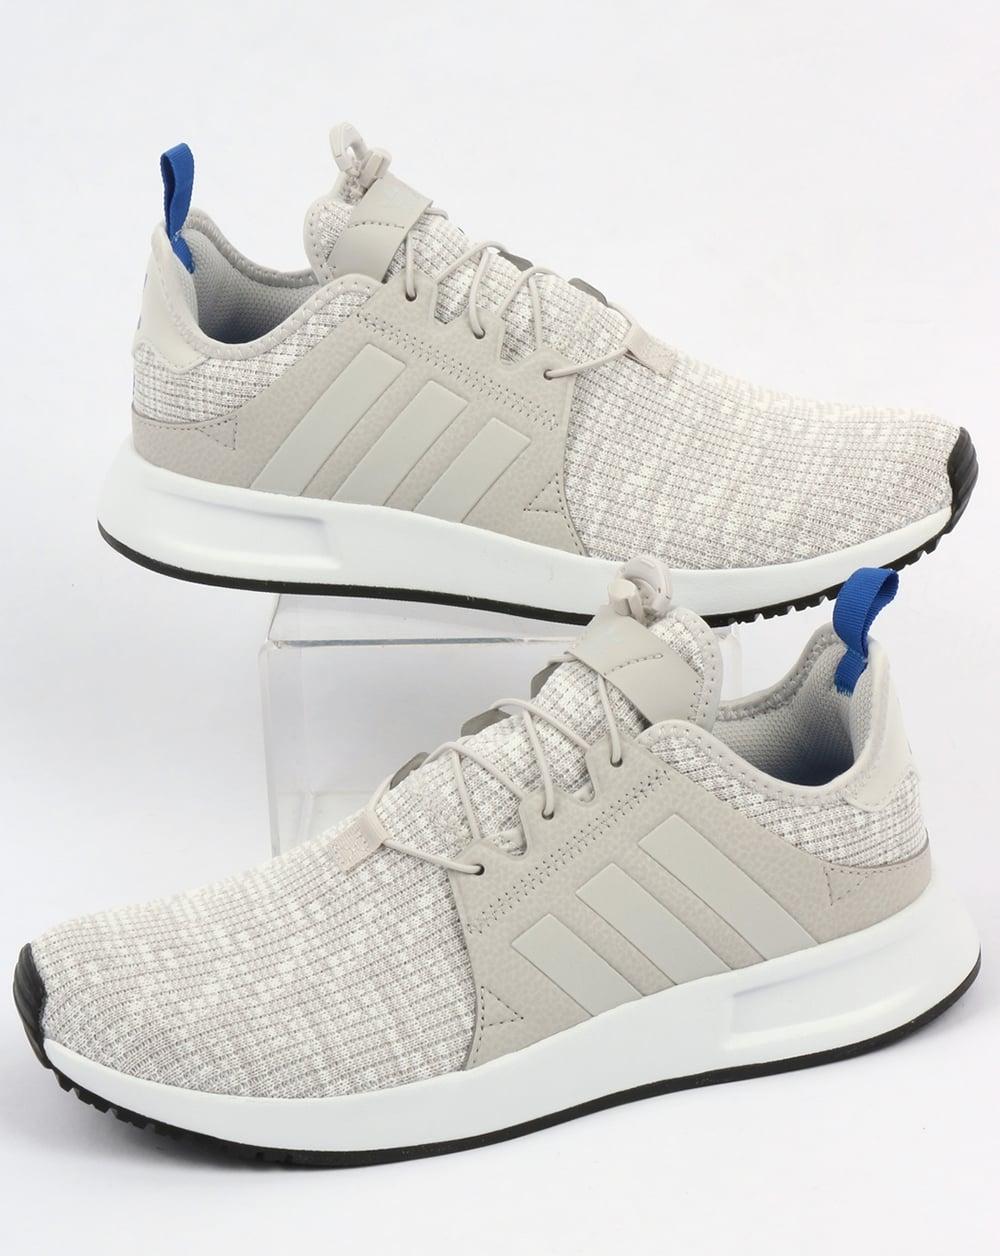 34f2d5d54392b adidas Trainers Adidas XPLR Trainers Grey Grey Blue